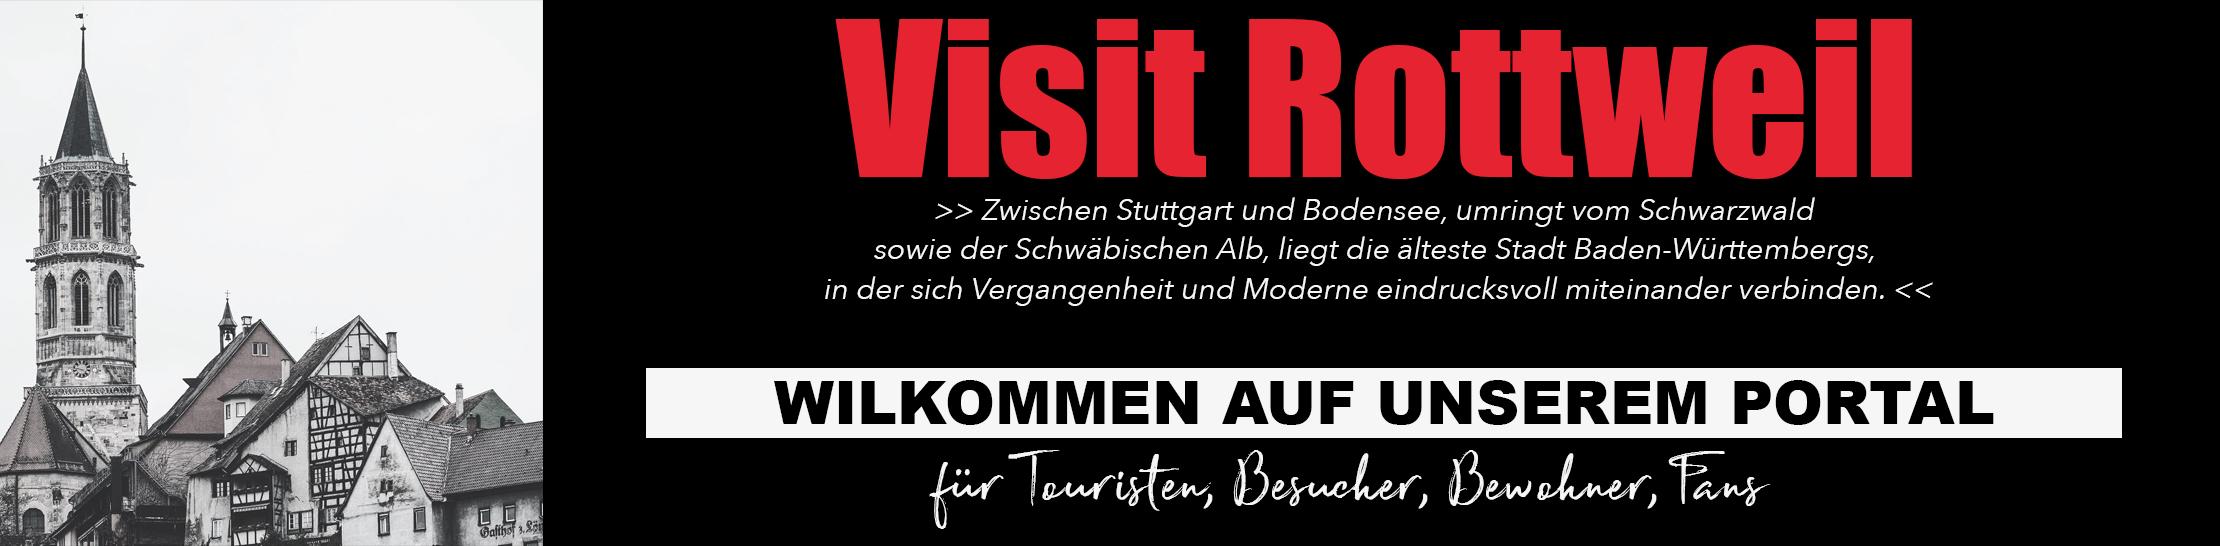 Rottweil Portal Bild